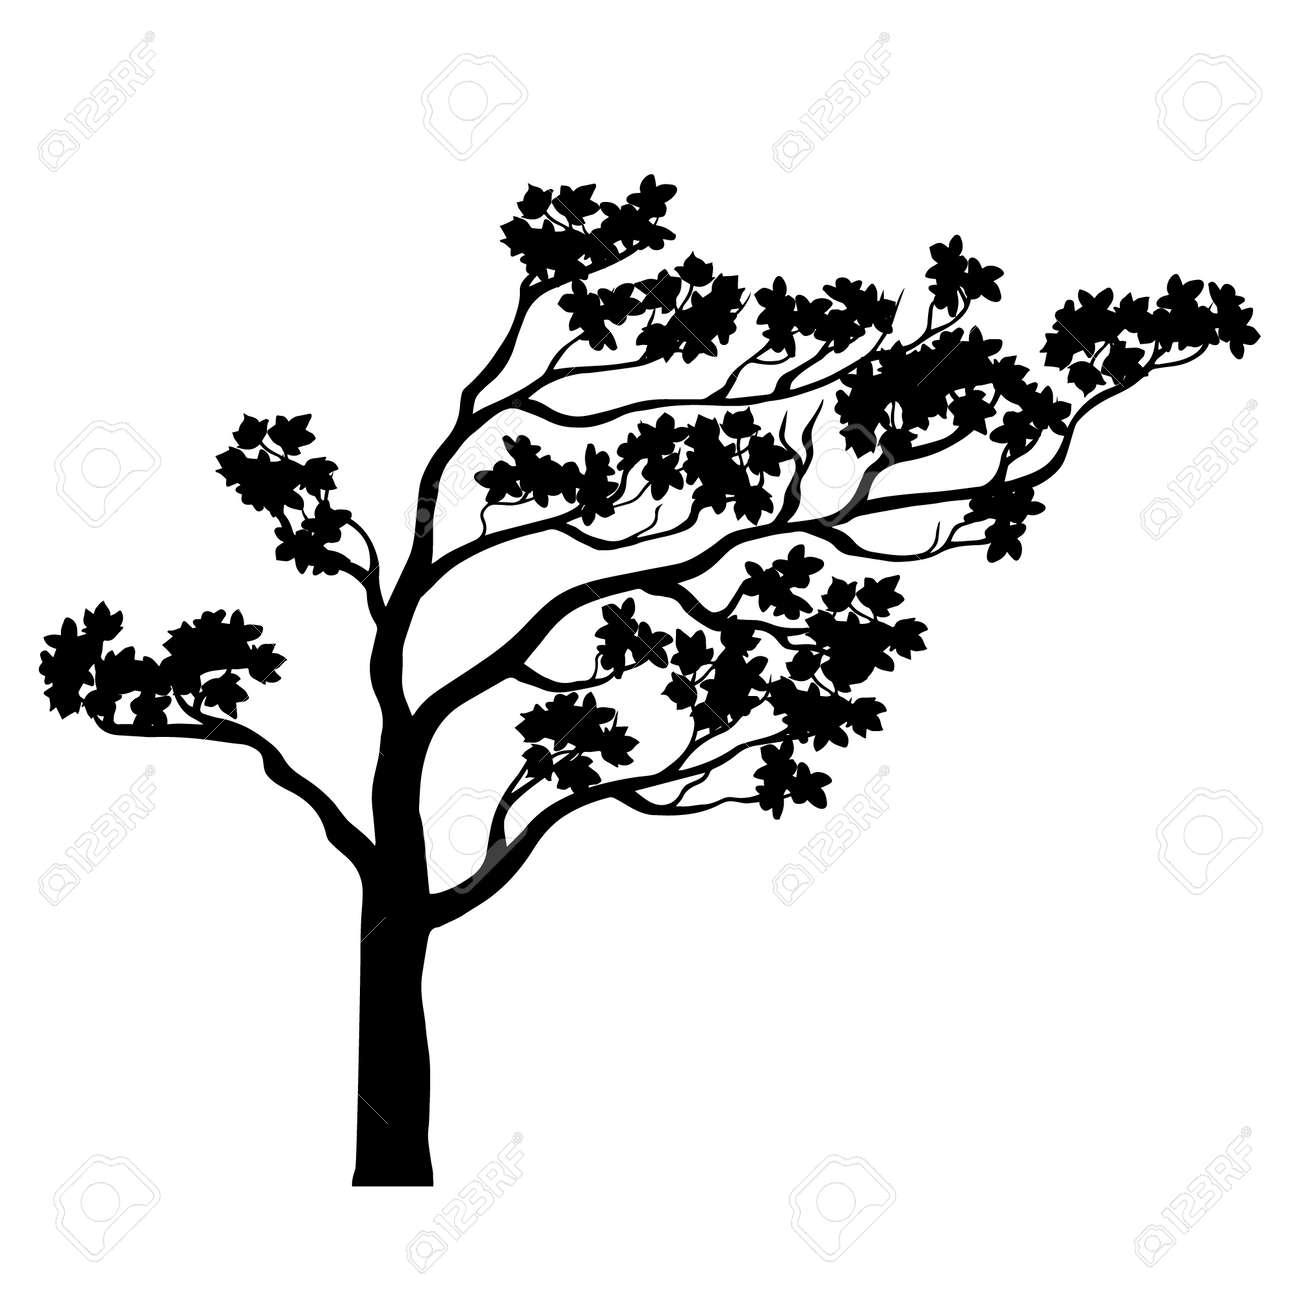 Arbre Sakura Silhouette Noir Et Blanc Contour Isole Un Arbre En